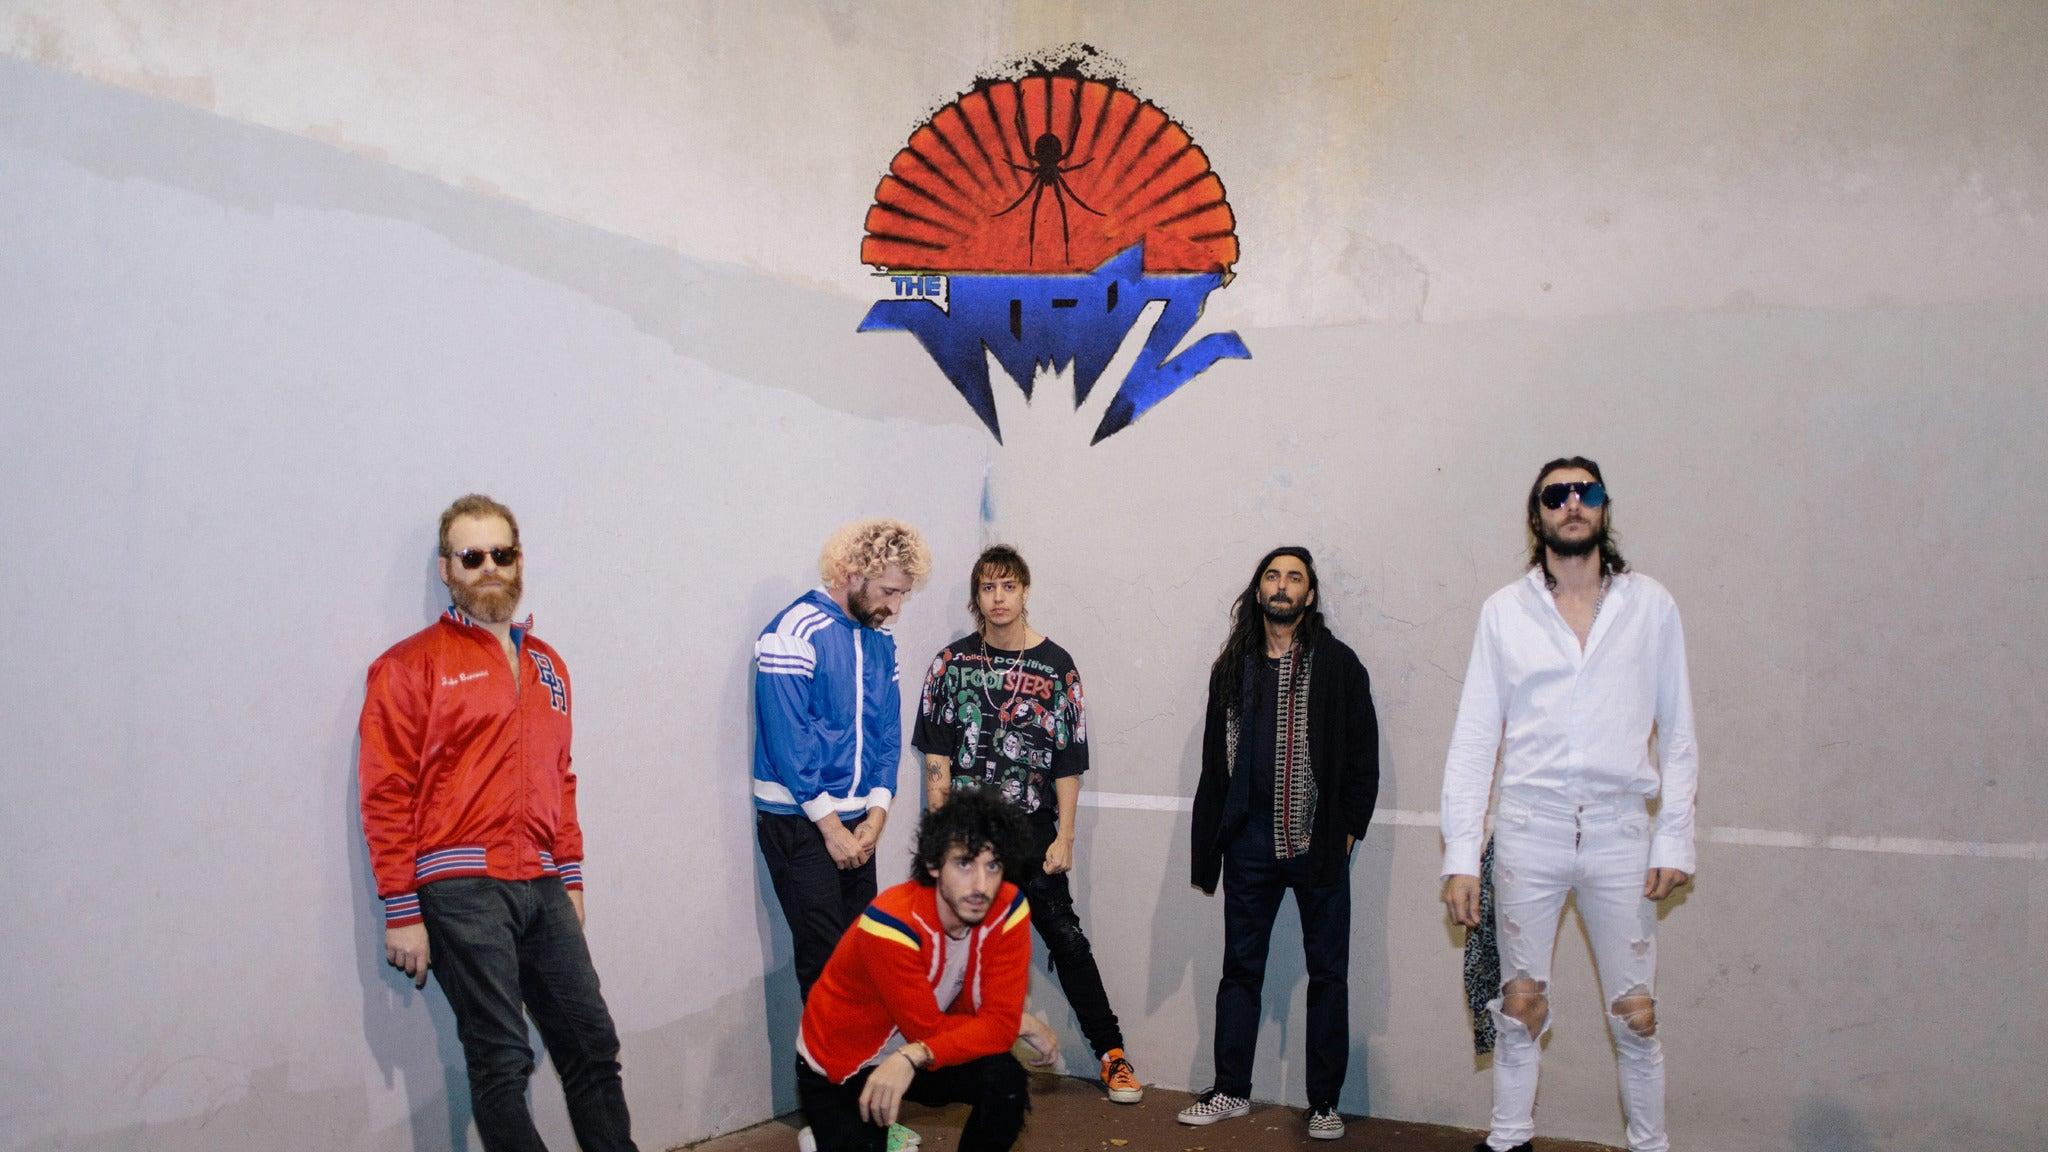 89.9 KCRW Presents The Voidz at The Wiltern